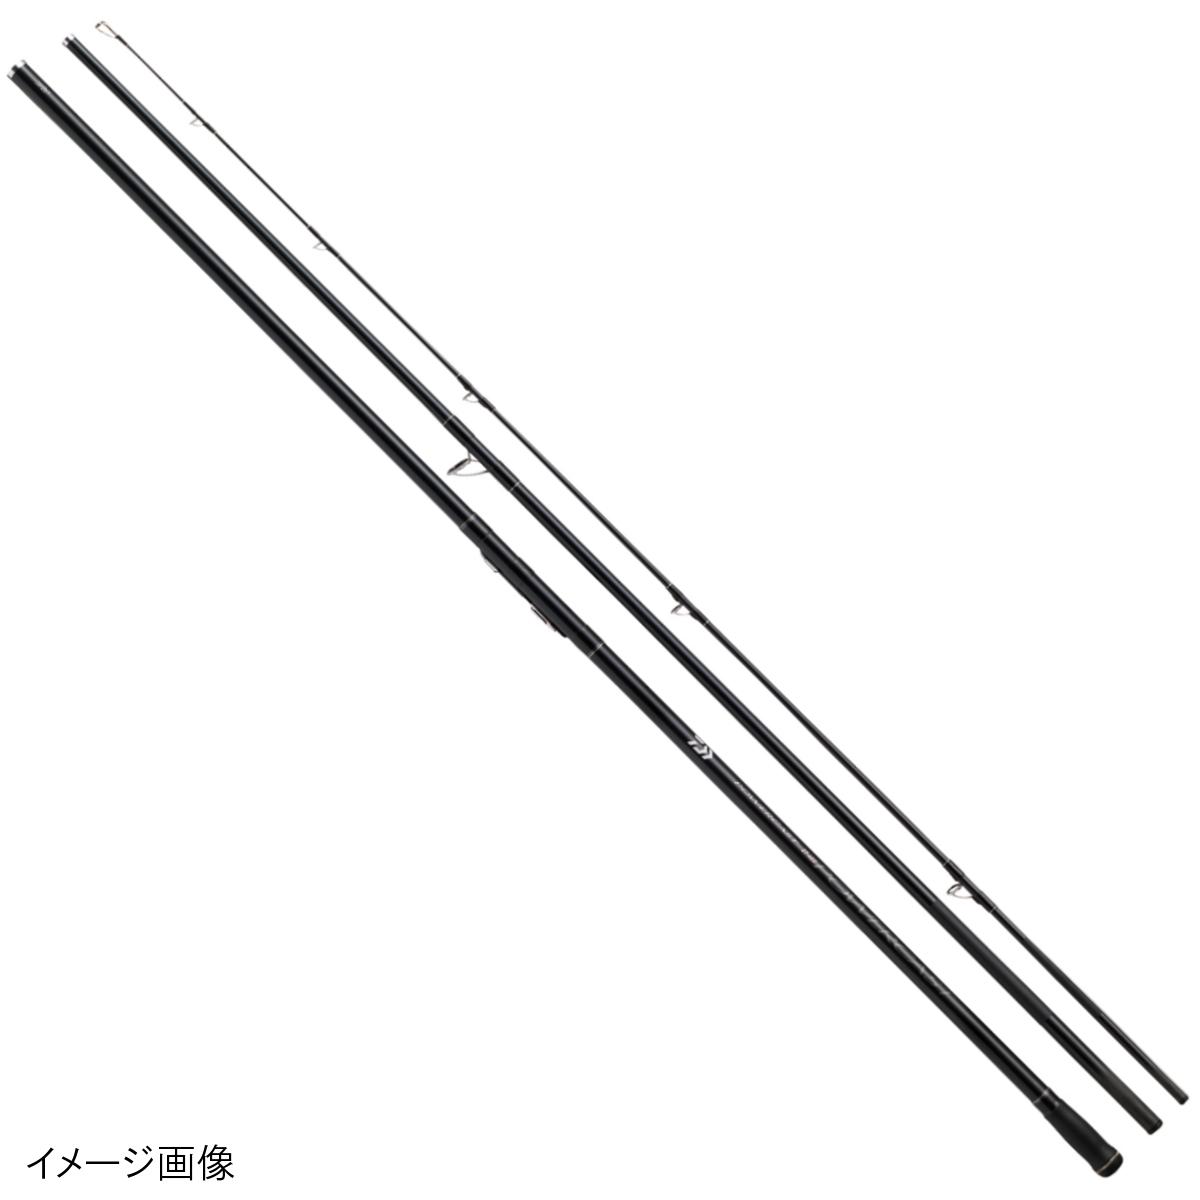 ダイワ パワーキャスト 27号-405【大型商品】